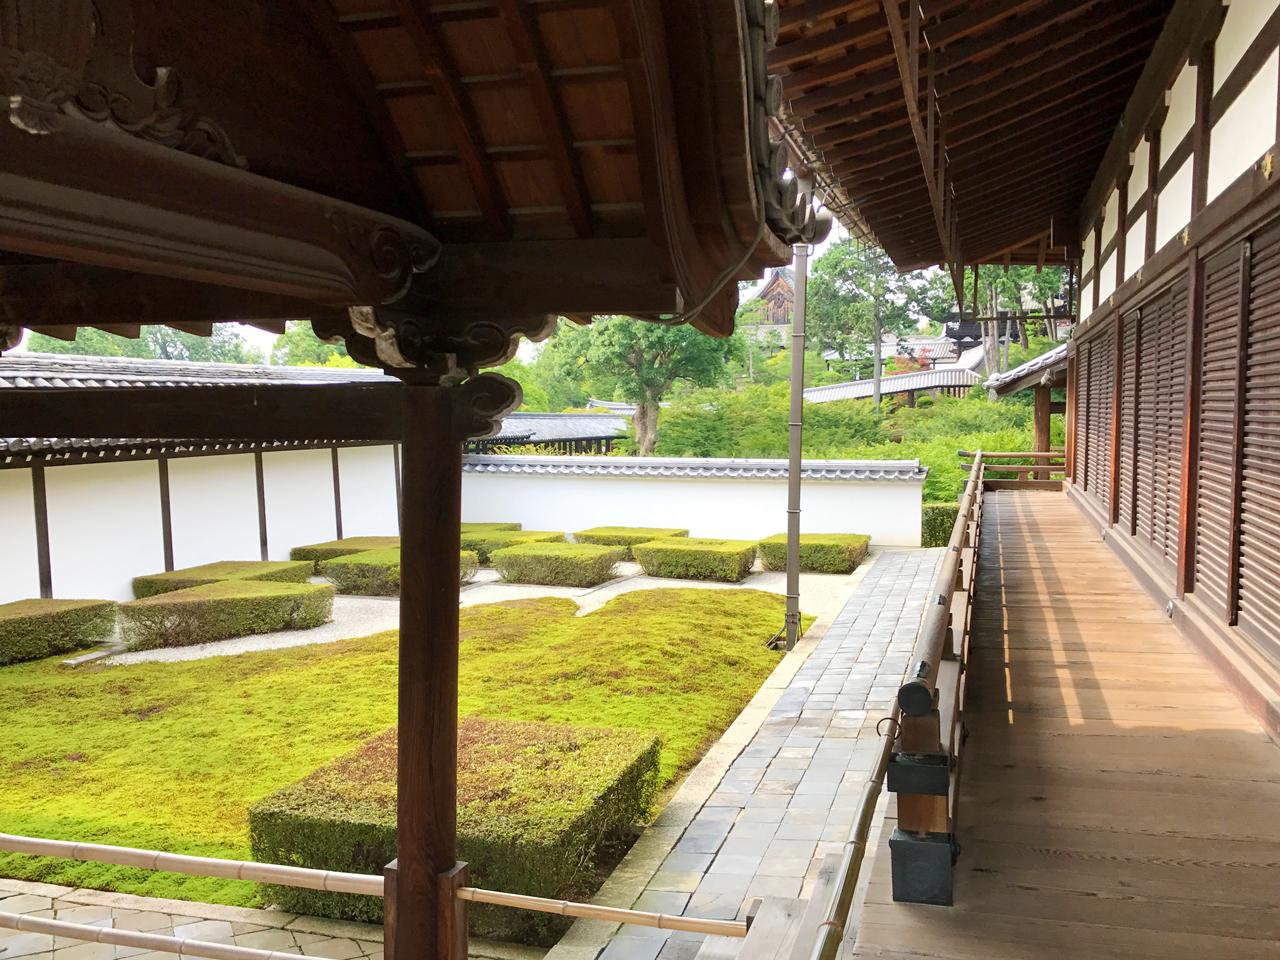 東福寺本坊庭園の西庭